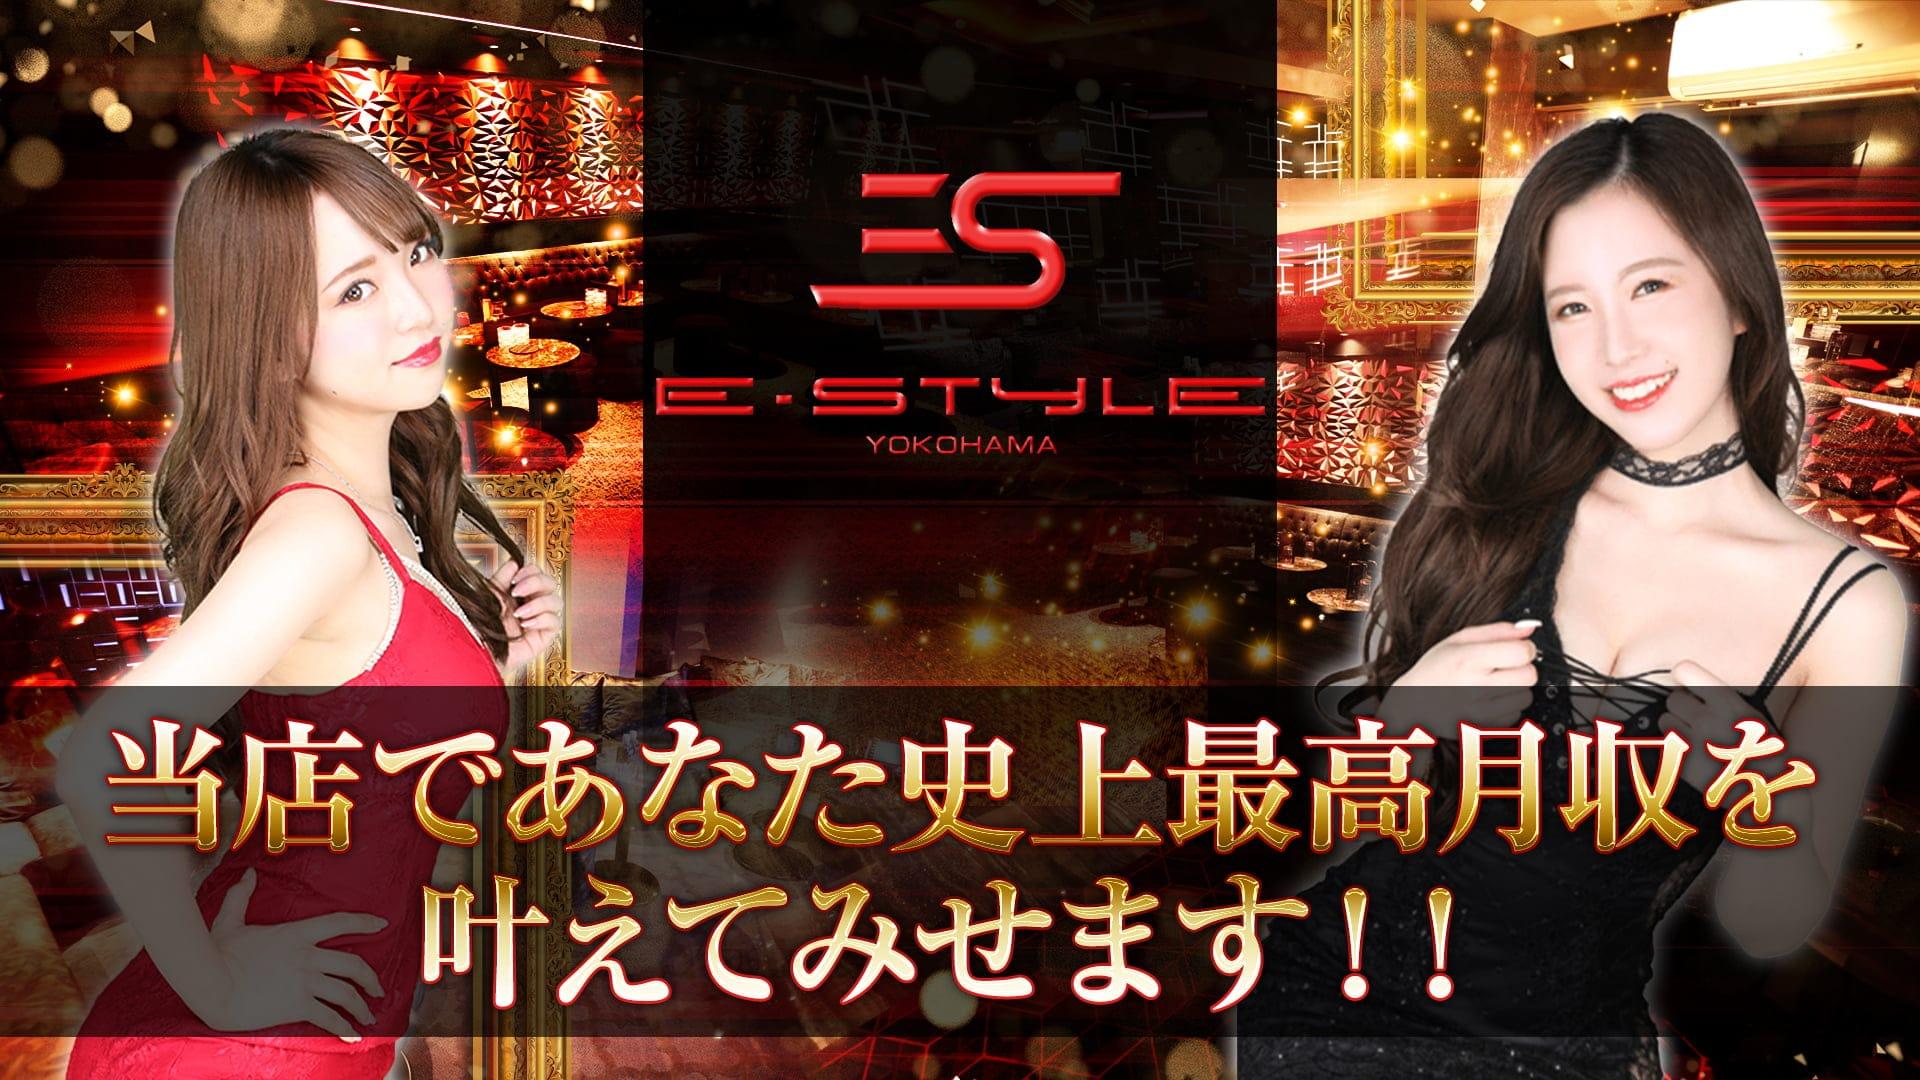 横浜 E-STYLE(イースタイル)【公式求人・体入情報】 横浜キャバクラ TOP画像